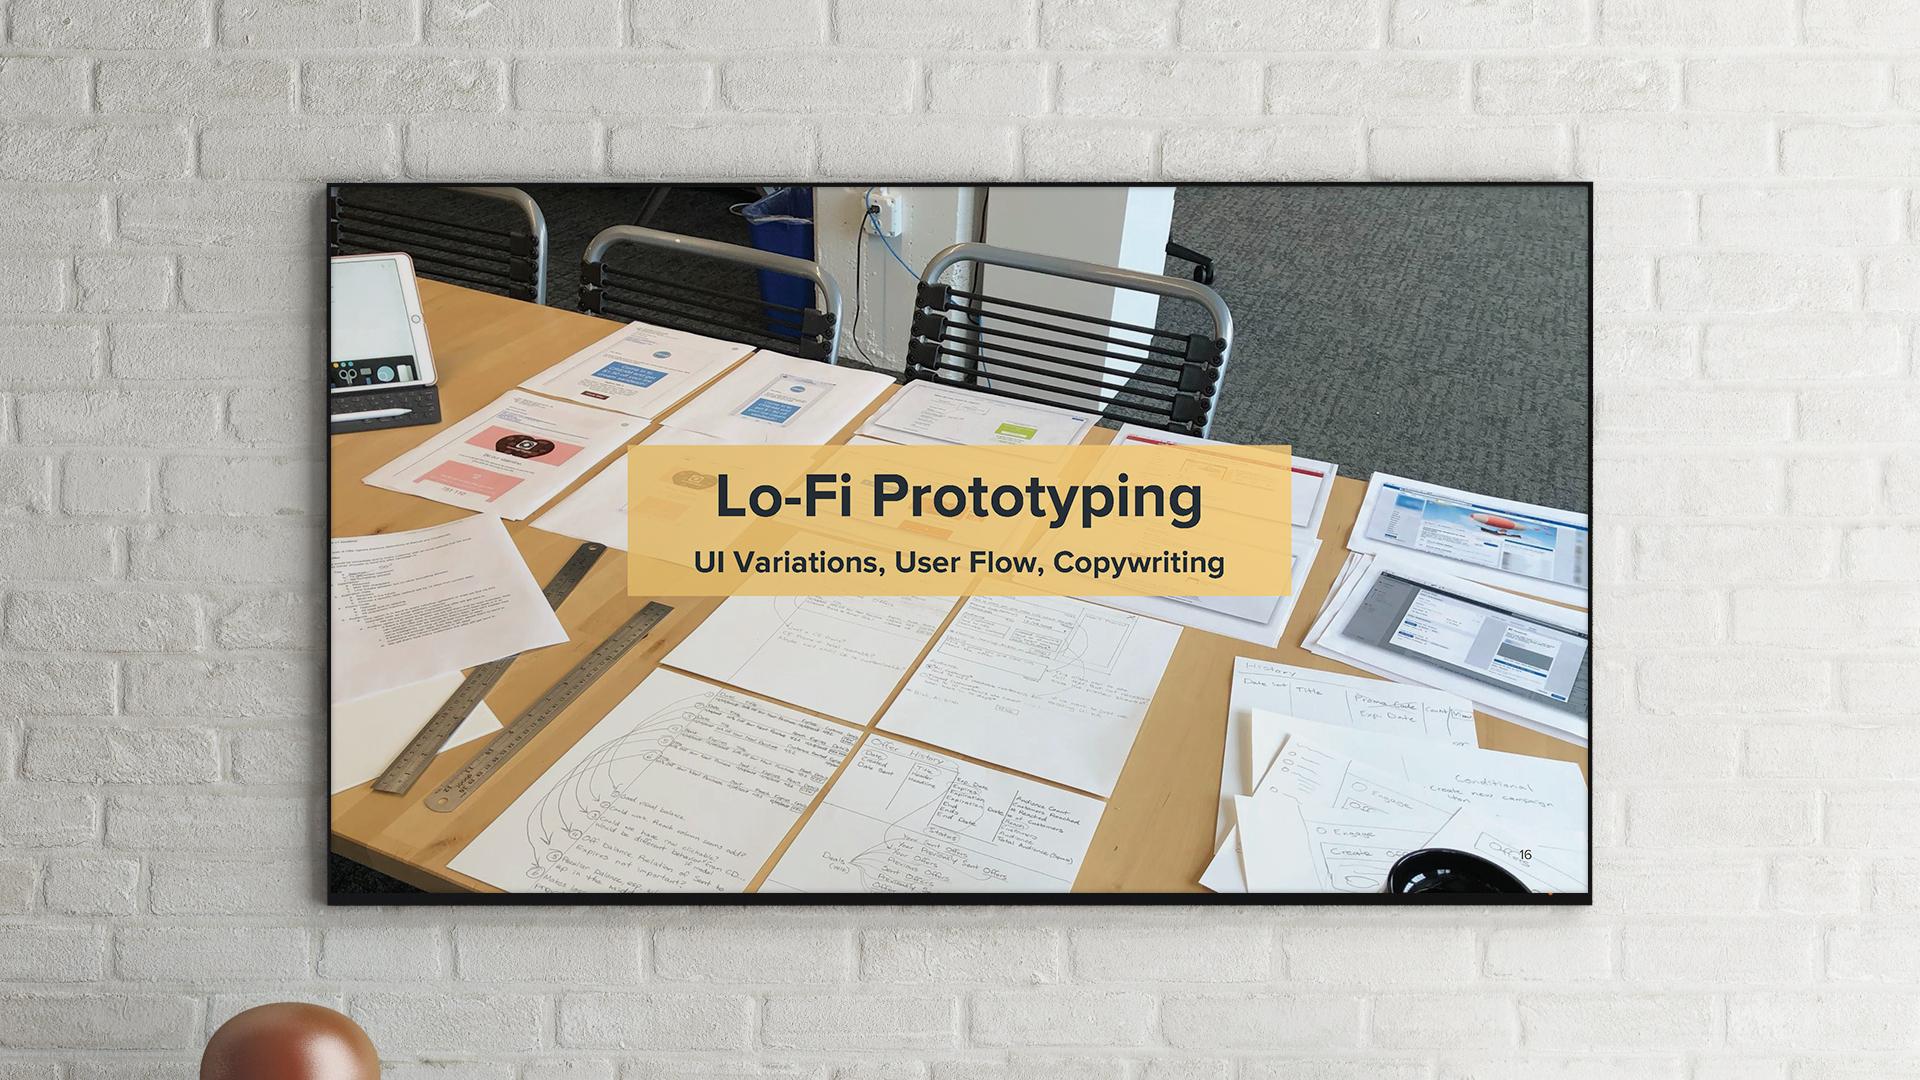 womply-digital-presentation-16.jpg